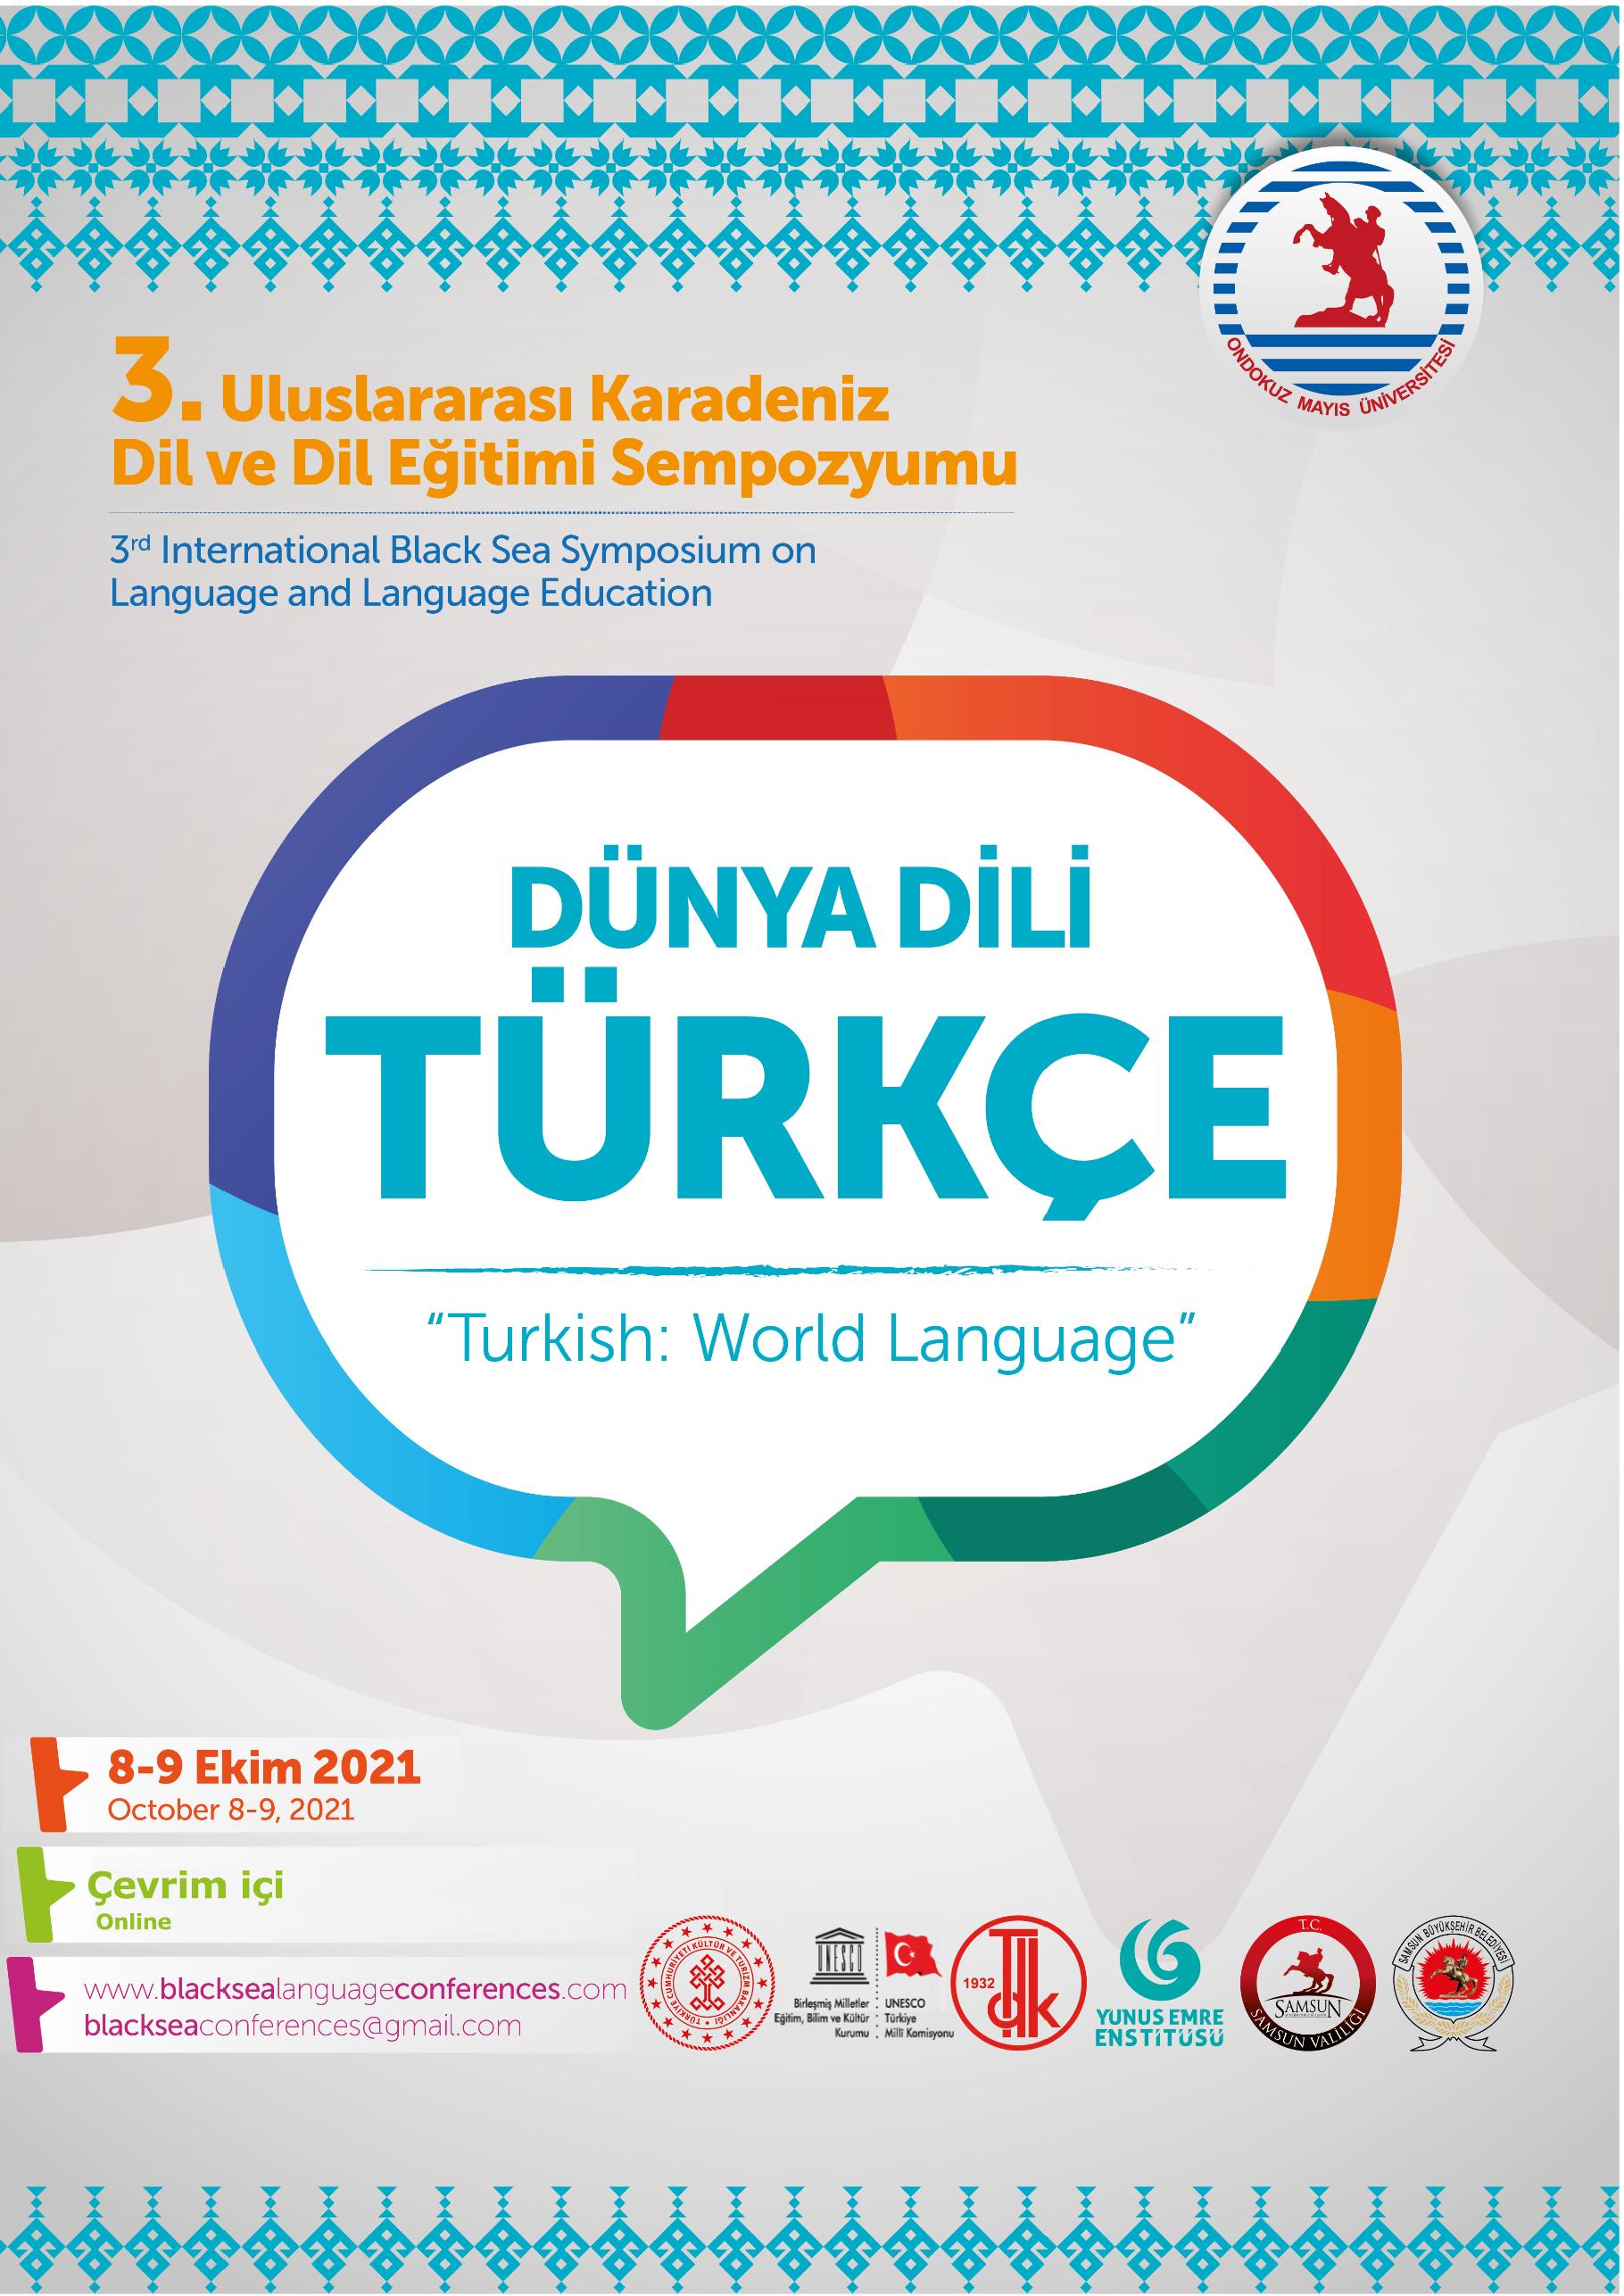 https://www.omu.edu.tr/sites/default/files/dunya_dili_tukce_afis.png